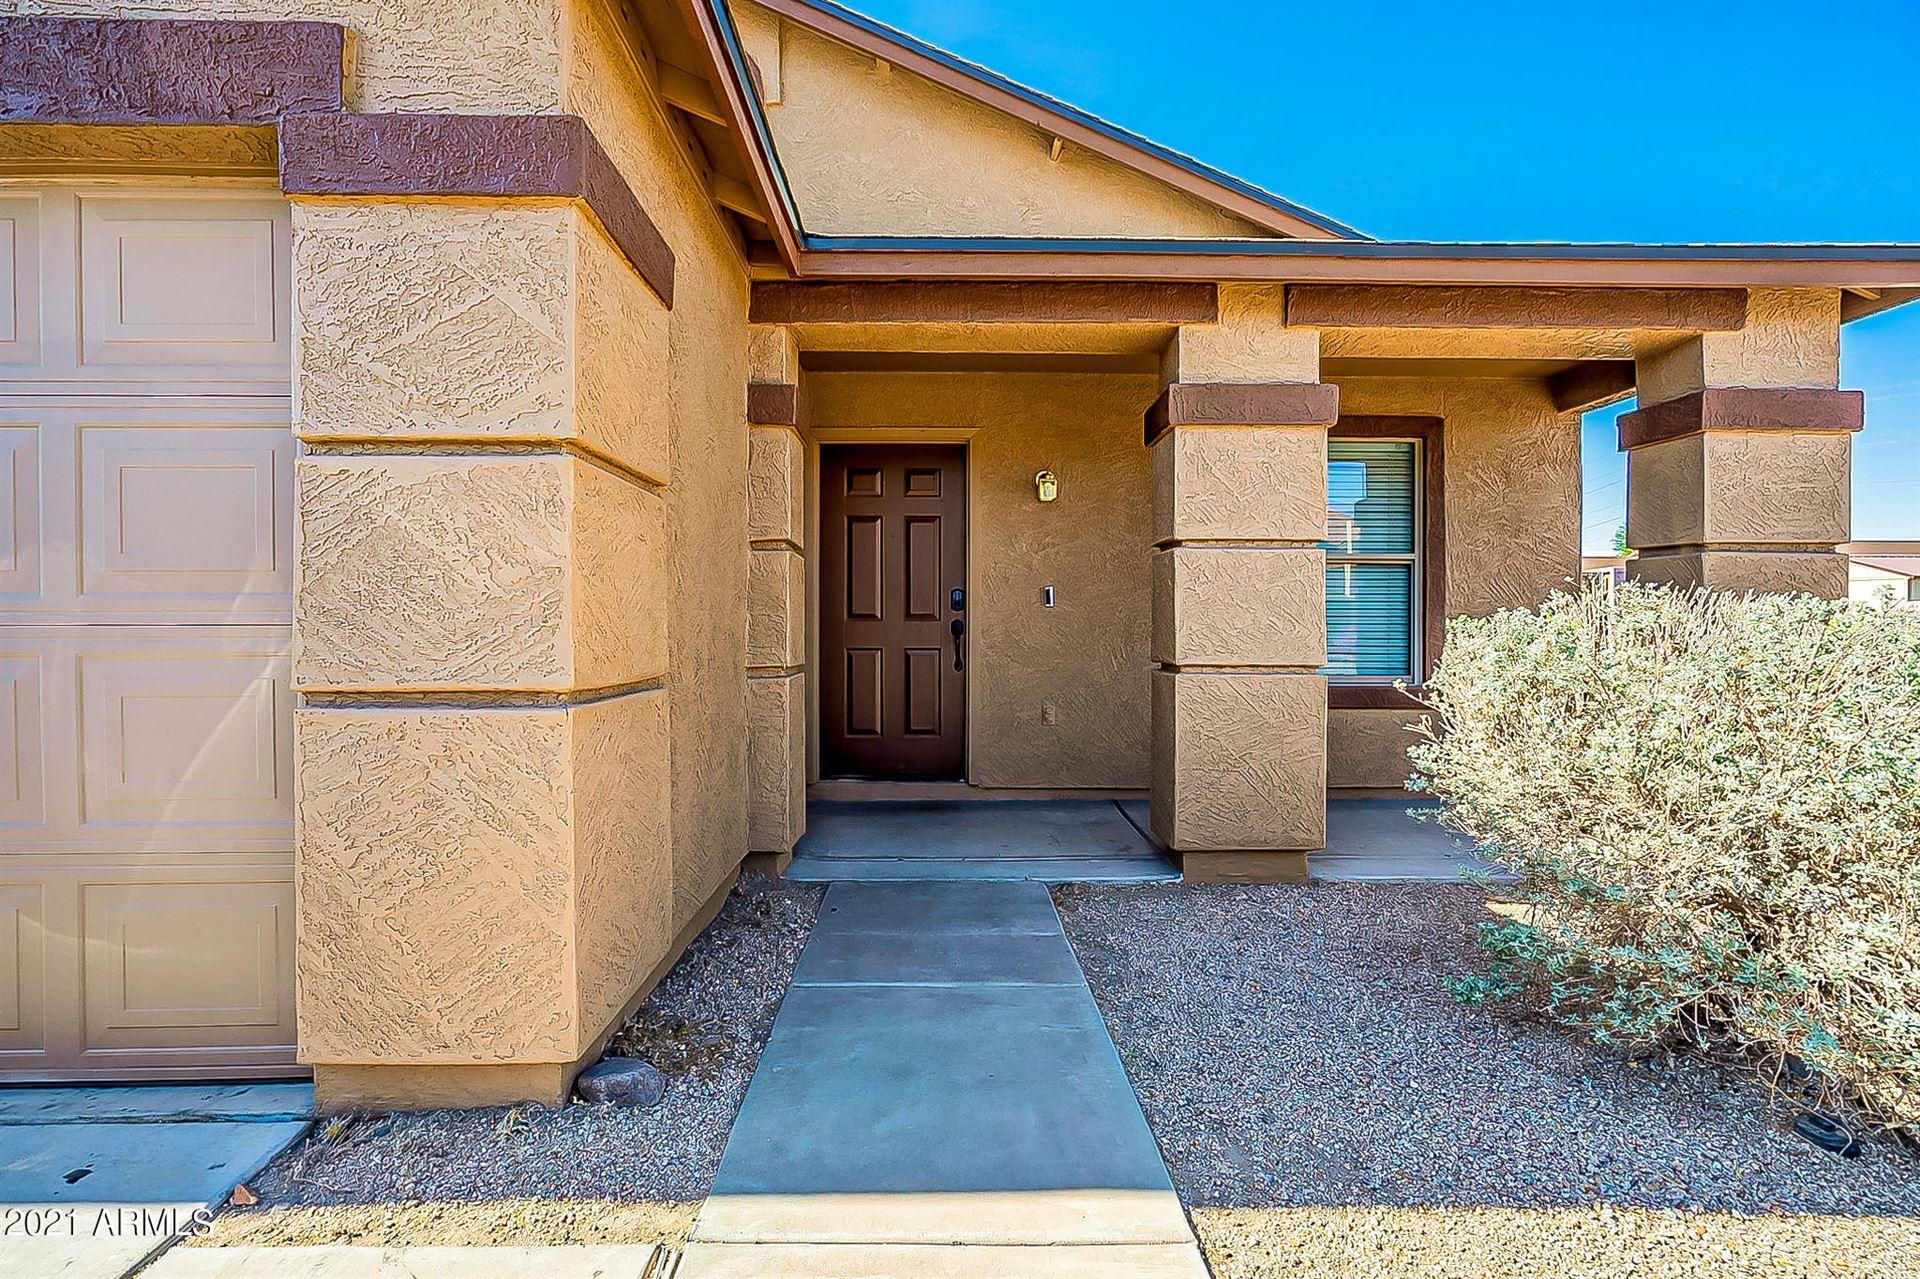 Photo of 11530 W FLORES Drive, El Mirage, AZ 85335 (MLS # 6246083)